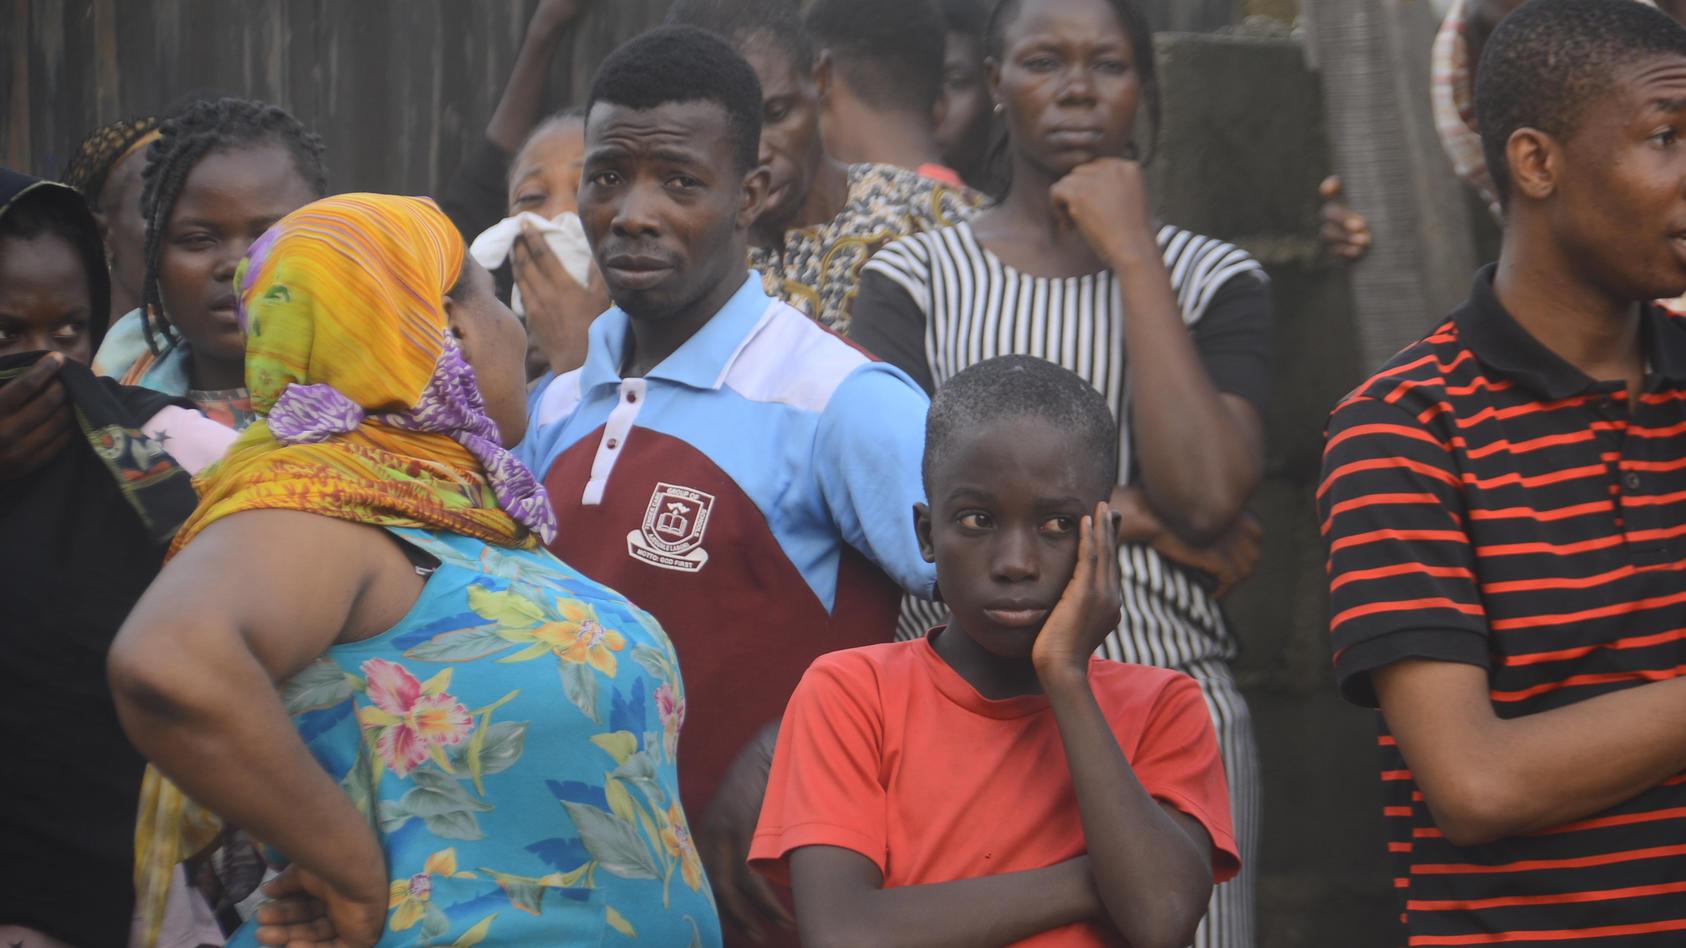 In Nigeria wurde ein 13-Jähriger zu zehn Jahren Haft verurteilt. (Foto: Motivbild)